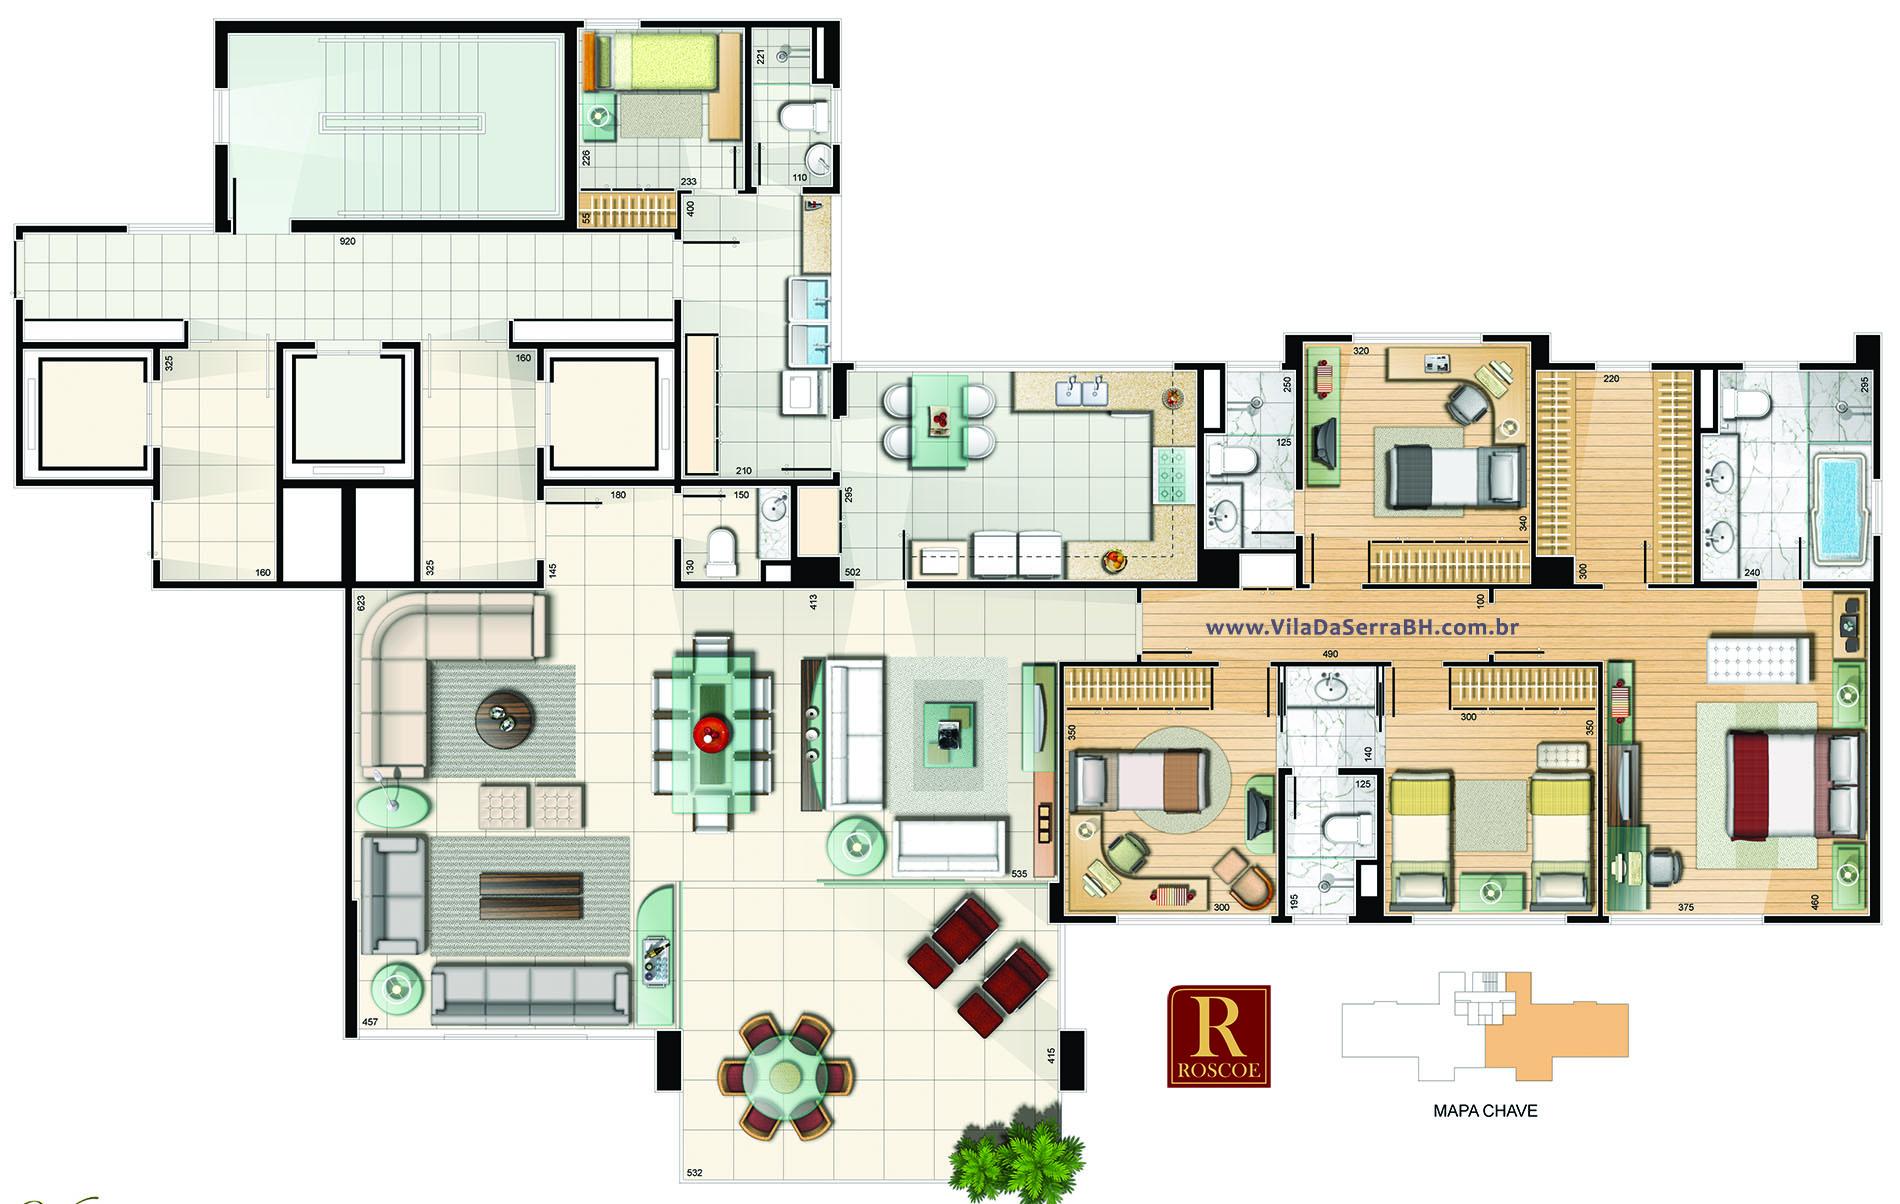 apartamento 4 quartos vila da serra avenida de ligação